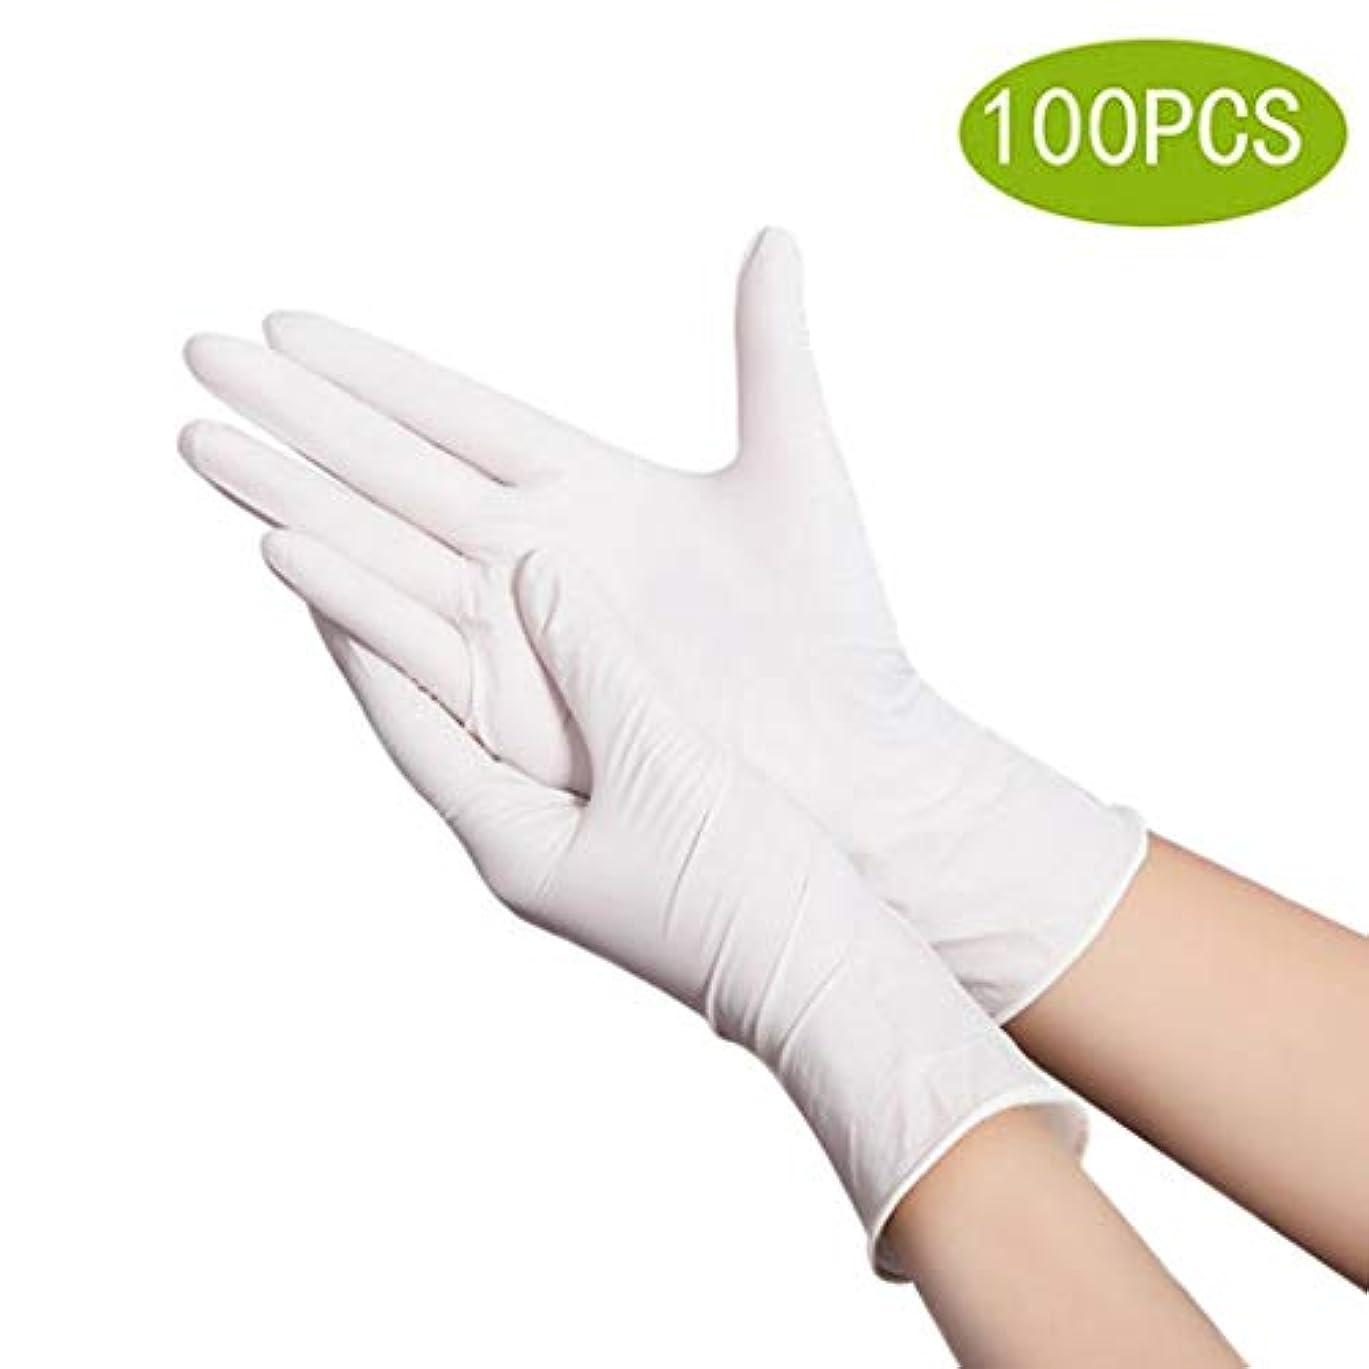 製造業入植者なぞらえるニトリル手袋4ミル厚ヘビーデューティー使い捨て手袋 - 工業用および家庭用 - パウダーフリー - ナチュラルホワイト(100カウント) (Size : S)